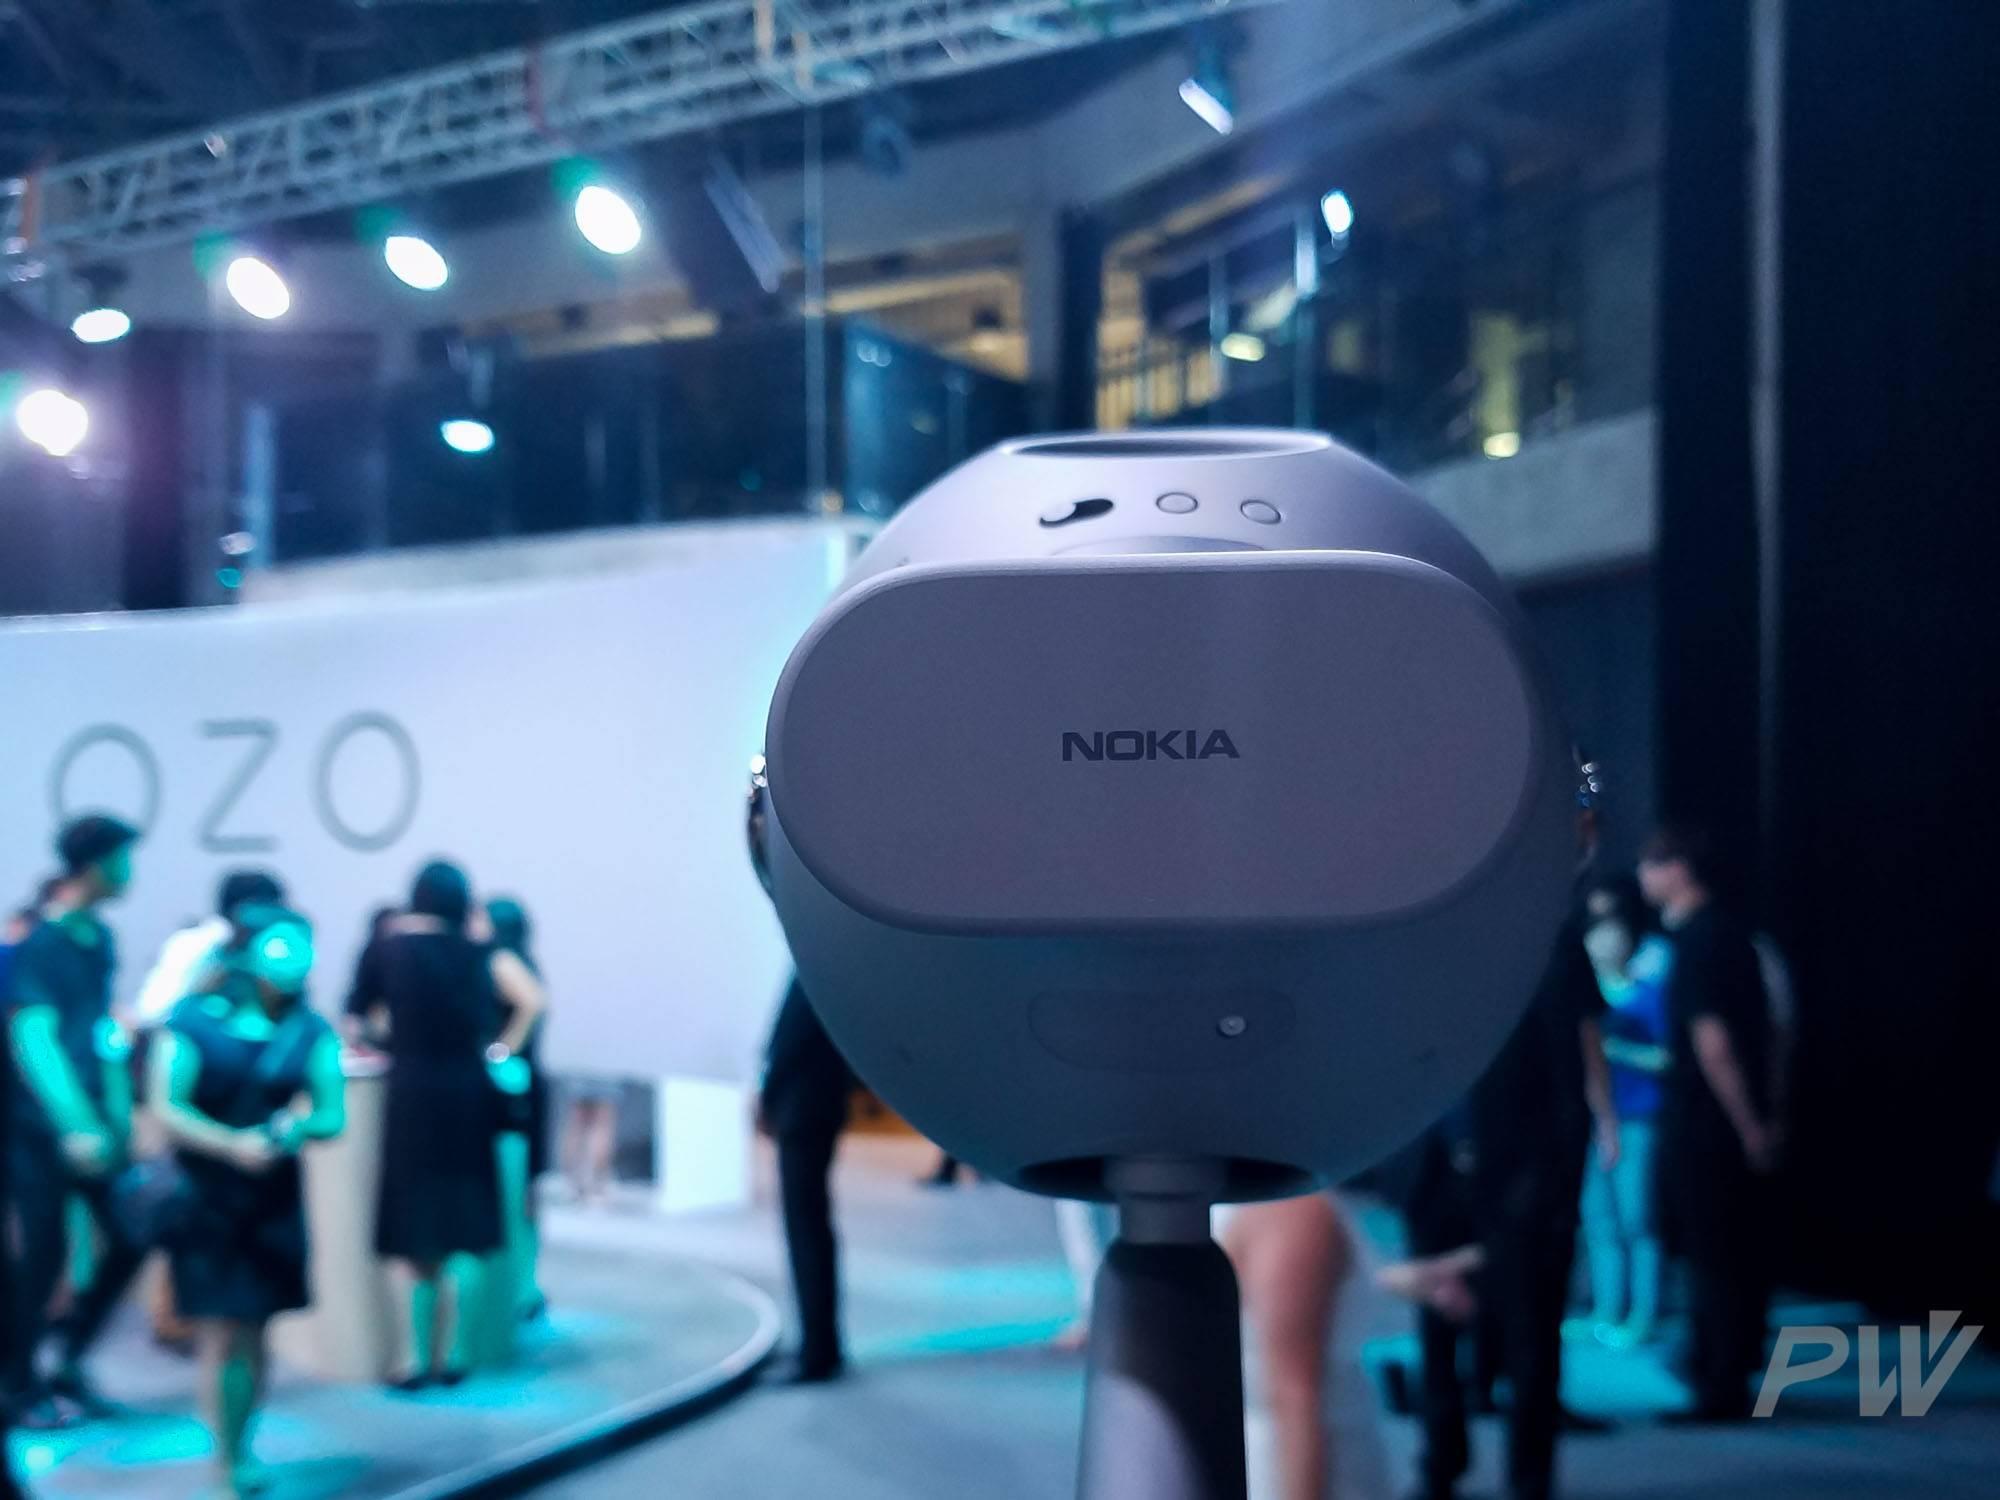 相机背后的 Nokia 标志。这个位置集成了电源和存储卡,一次性可拍摄 45 分钟。